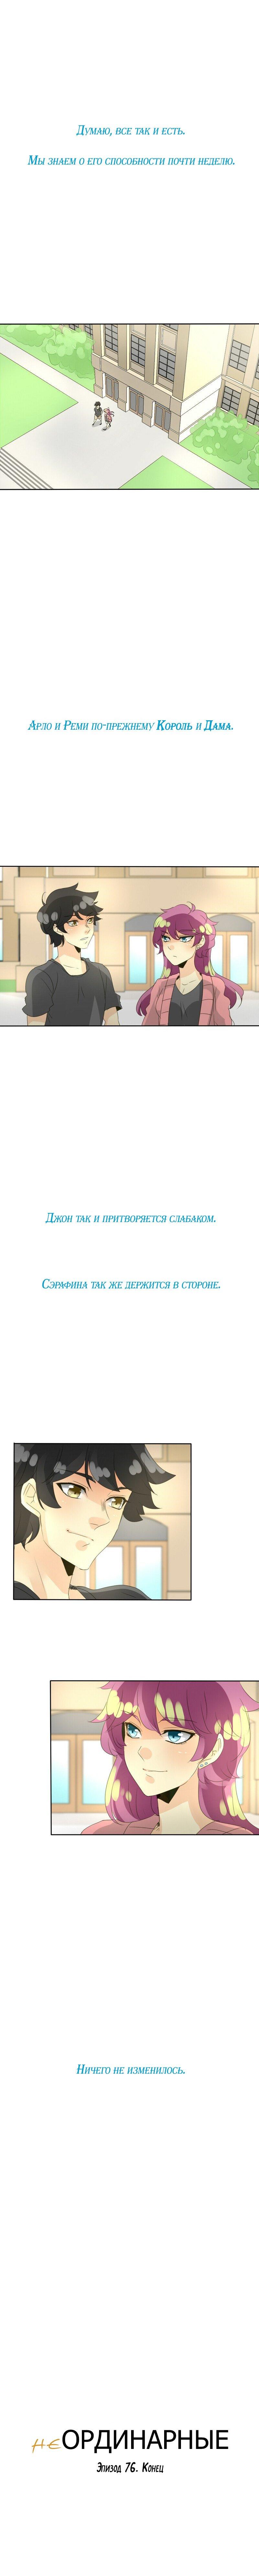 Манга неОРДИНАРНЫЕ / unORDINARY  - Том 1 Глава 78 Страница 9